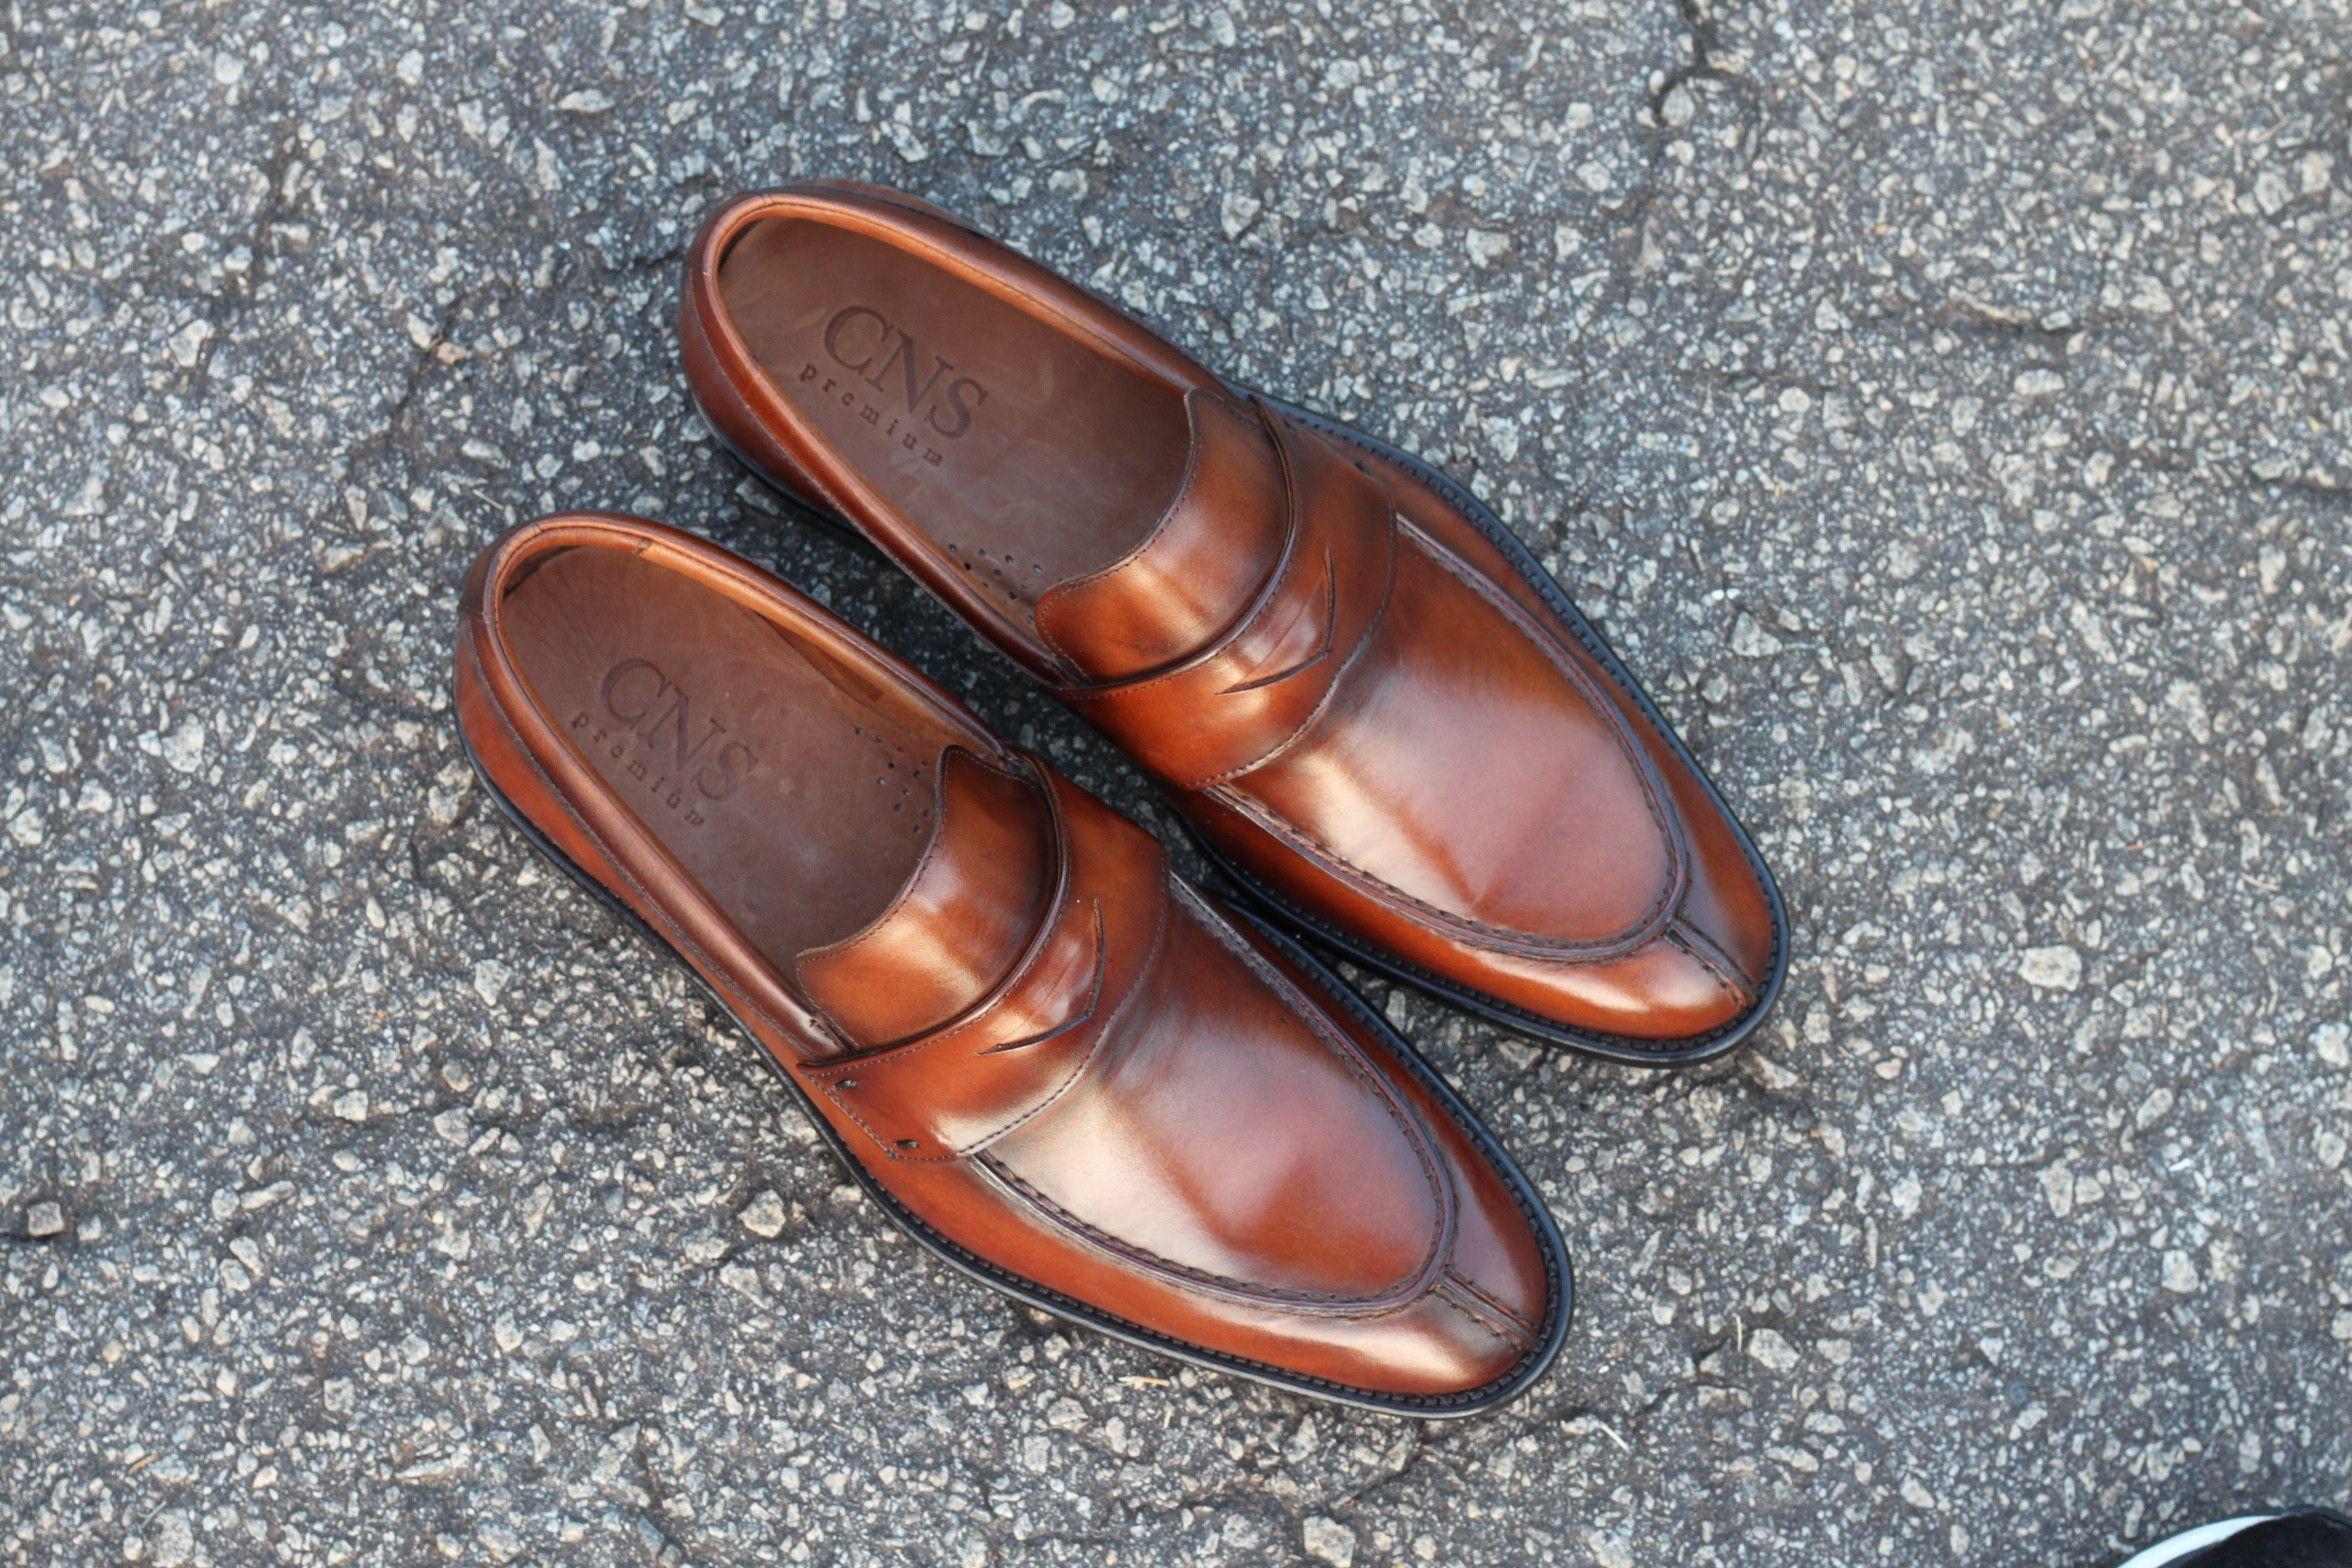 54f9f338f Sapato Social Masculino Loafer CNS em couro cor Damasco, sola de couro e  forro de